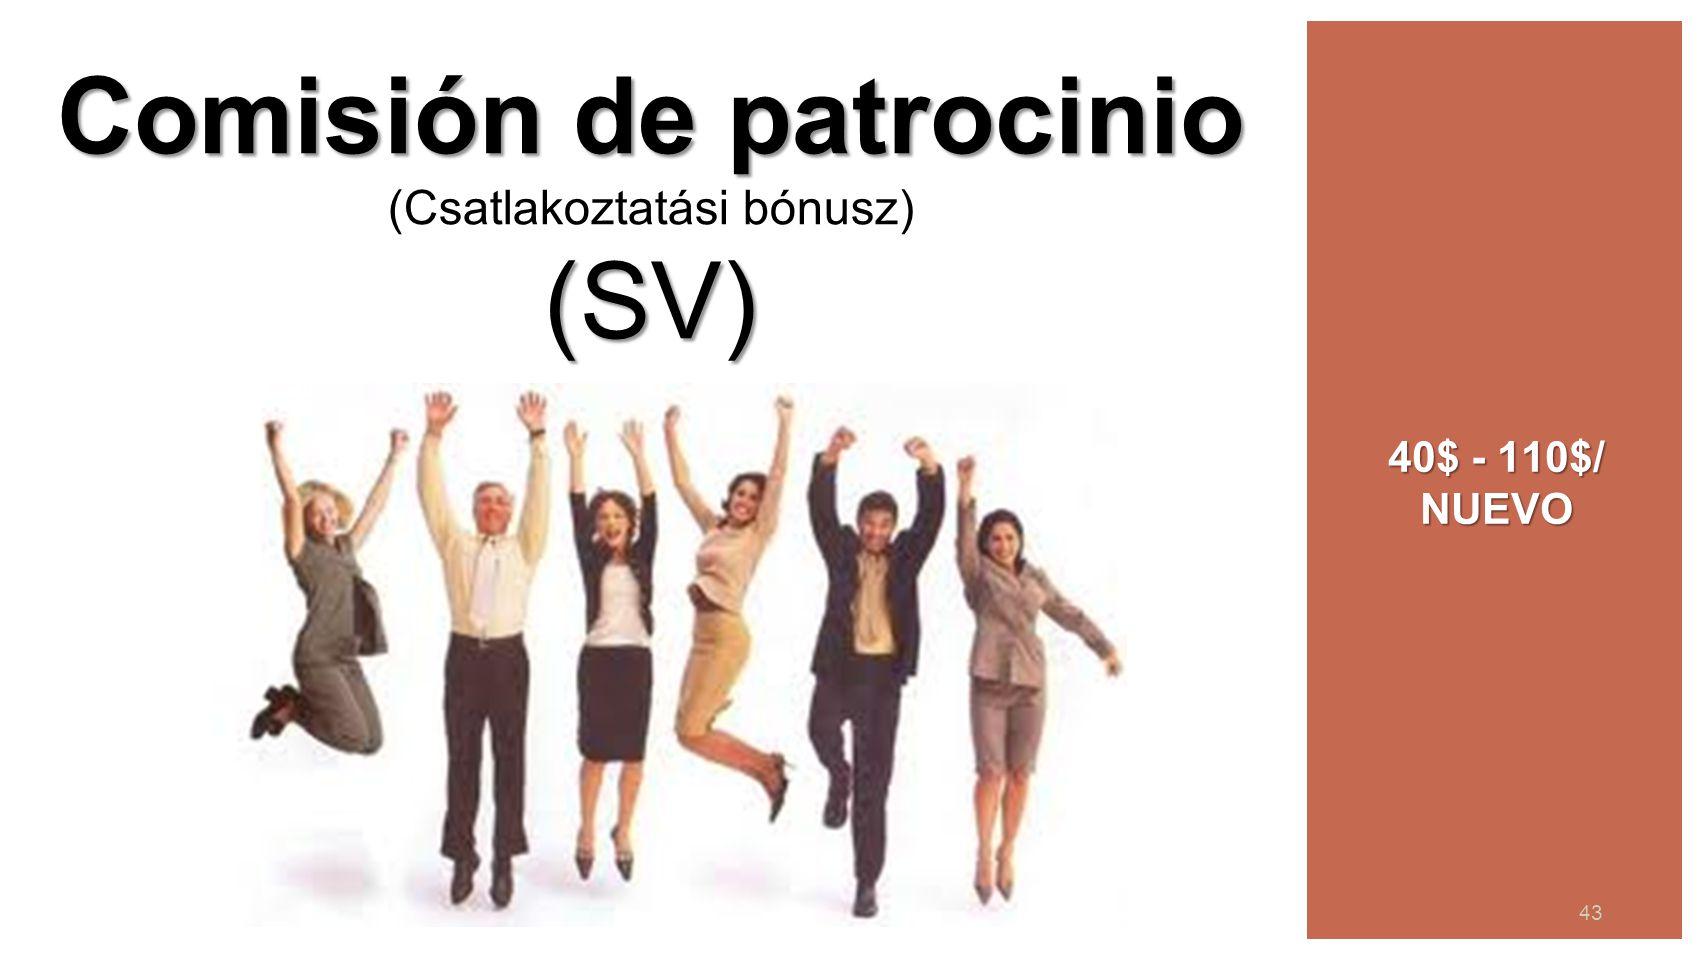 44 43 Comisión de patrocinio Comisión de patrocinio (Csatlakoztatási bónusz)(SV) 40$ - 110$/ NUEVO